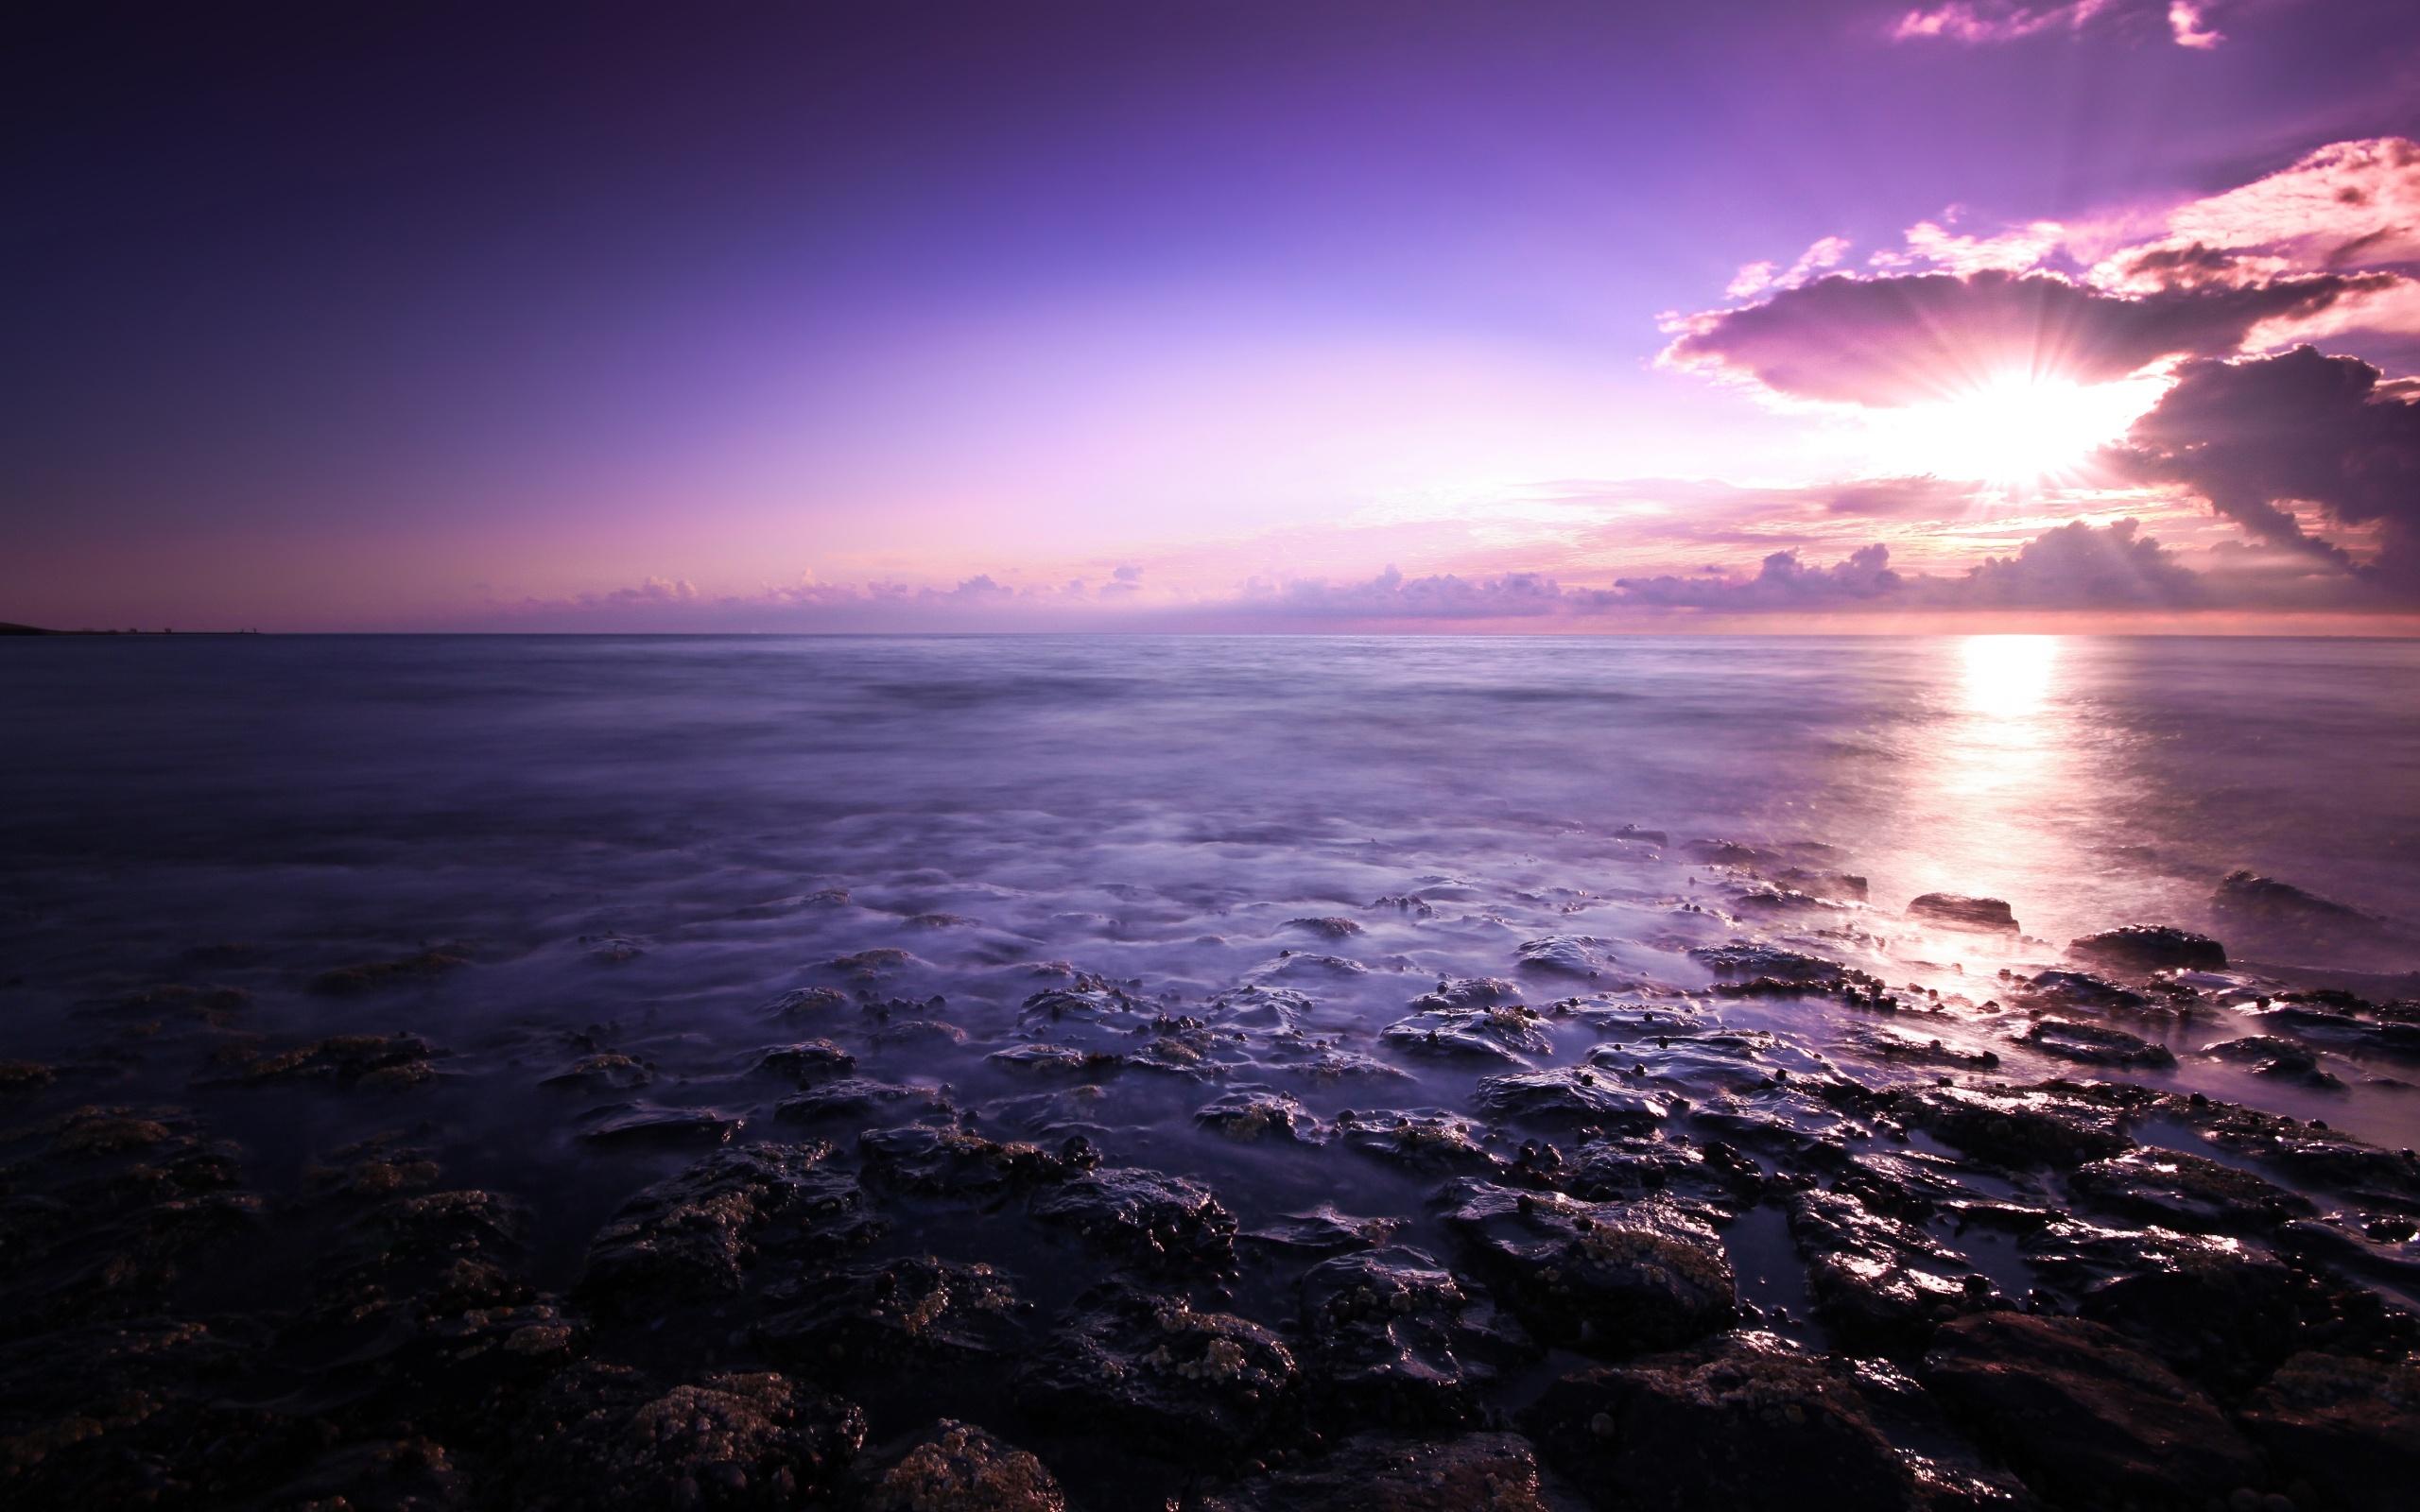 Purple Seascape Wallpapers HD Wallpapers 2560x1600